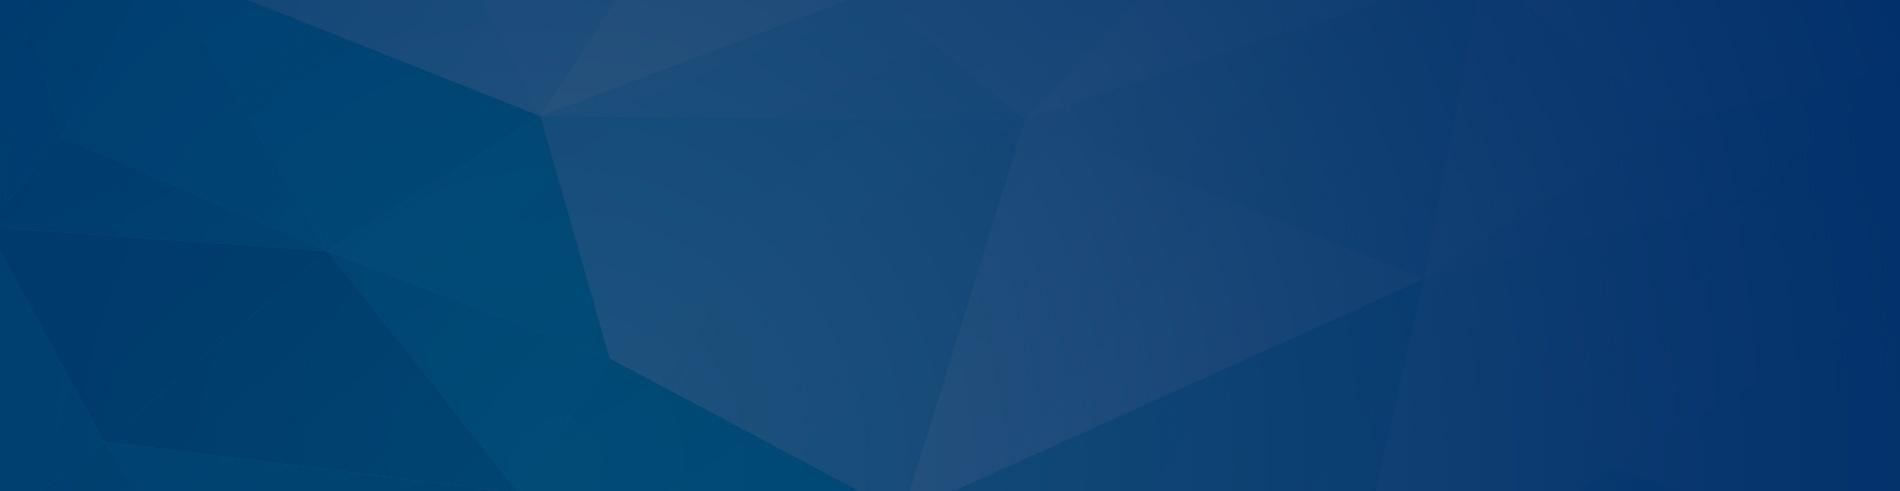 Banner7-blank.jpg